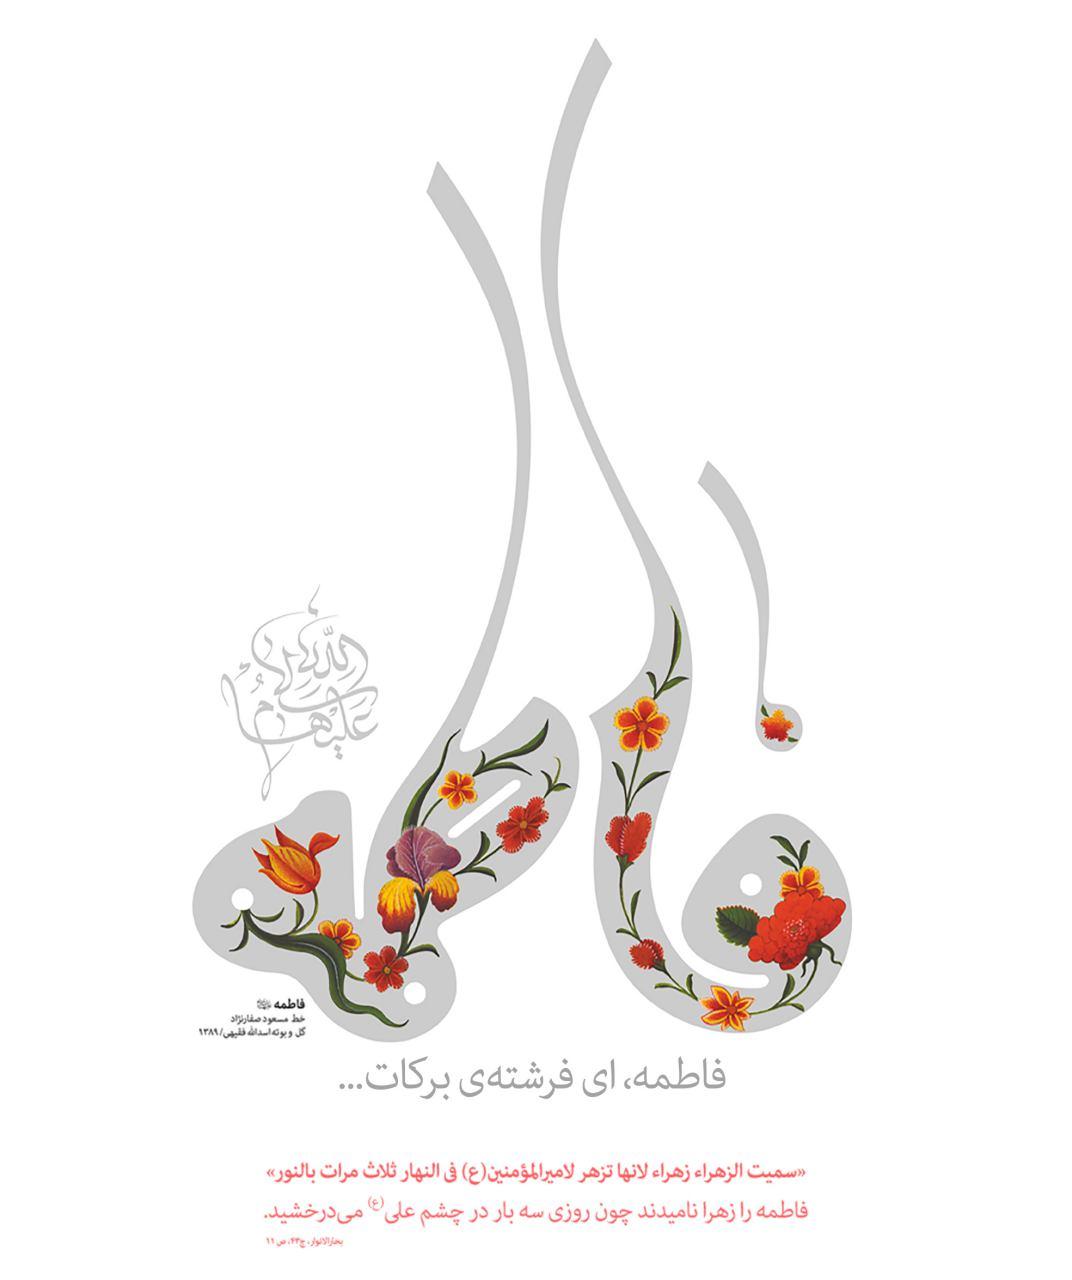 Photo of علت نامگذاری حضرت فاطمه به زهرا چیست؟